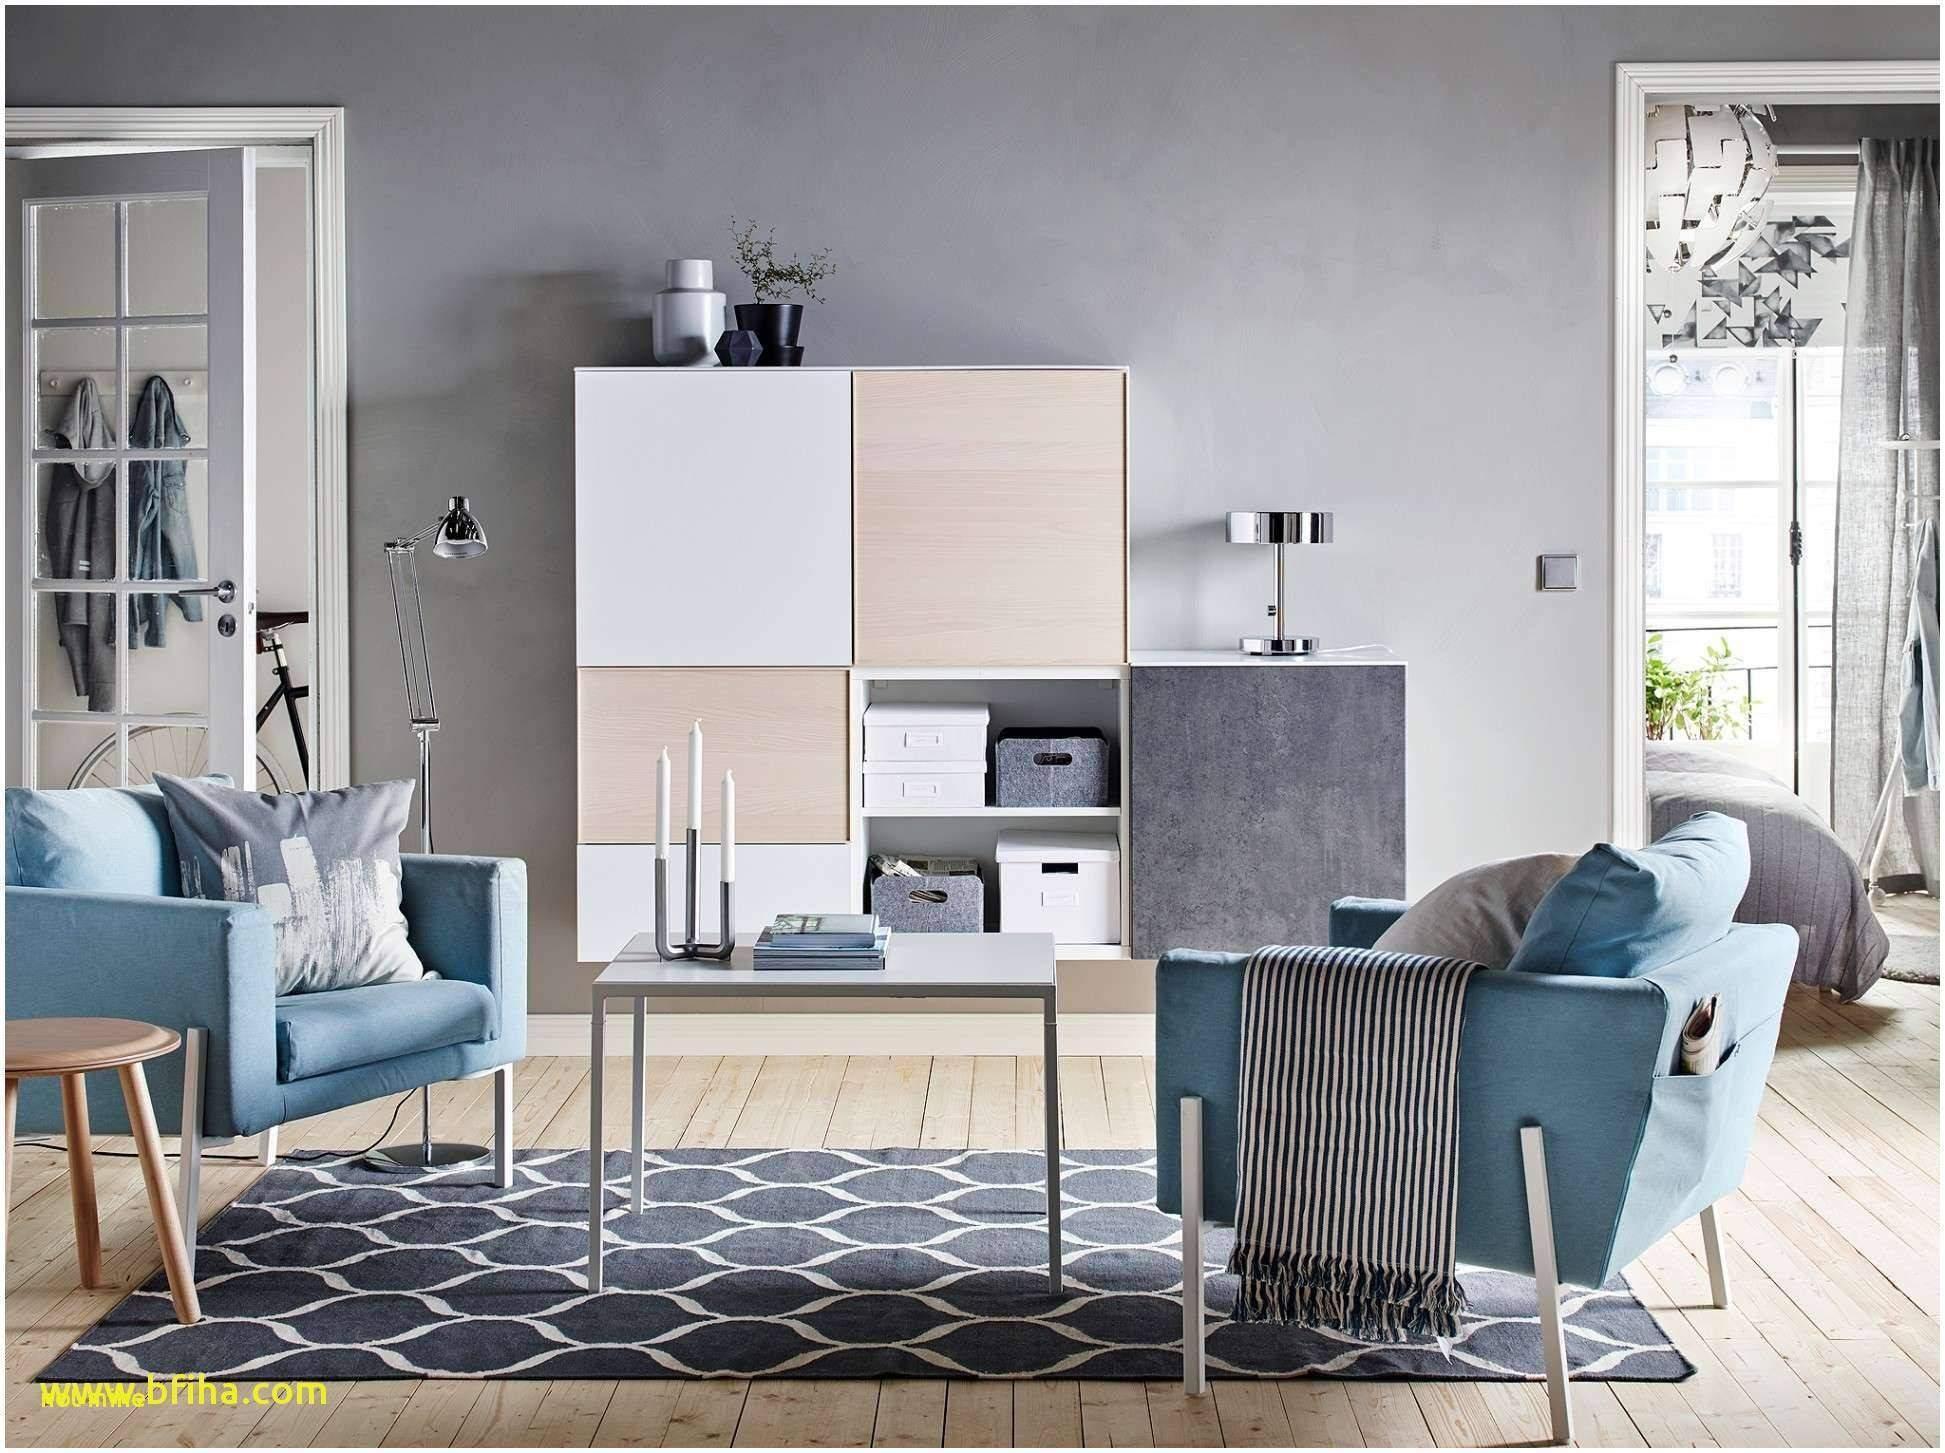 kabelkanal wohnzimmer elegant neu kabelkanal wohnzimmer of kabelkanal wohnzimmer